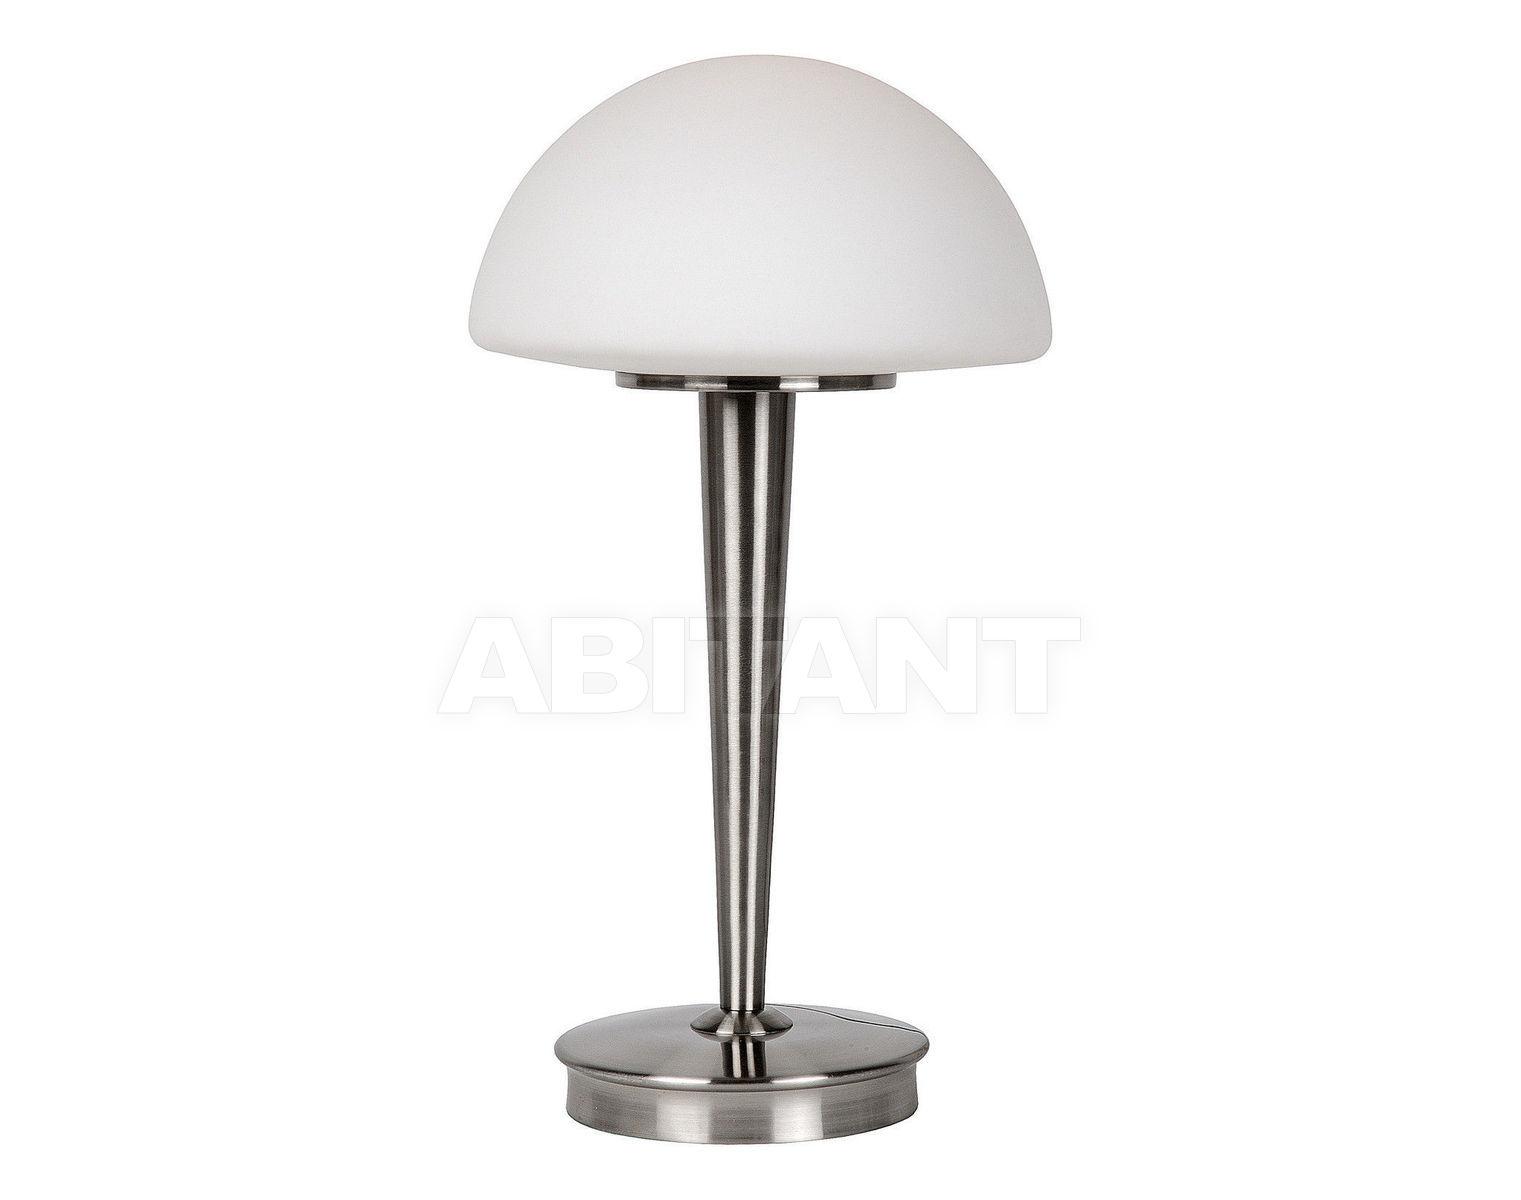 Купить Лампа настольная TOUCH Lucide  Floor & Table Lamps 17553/01/12